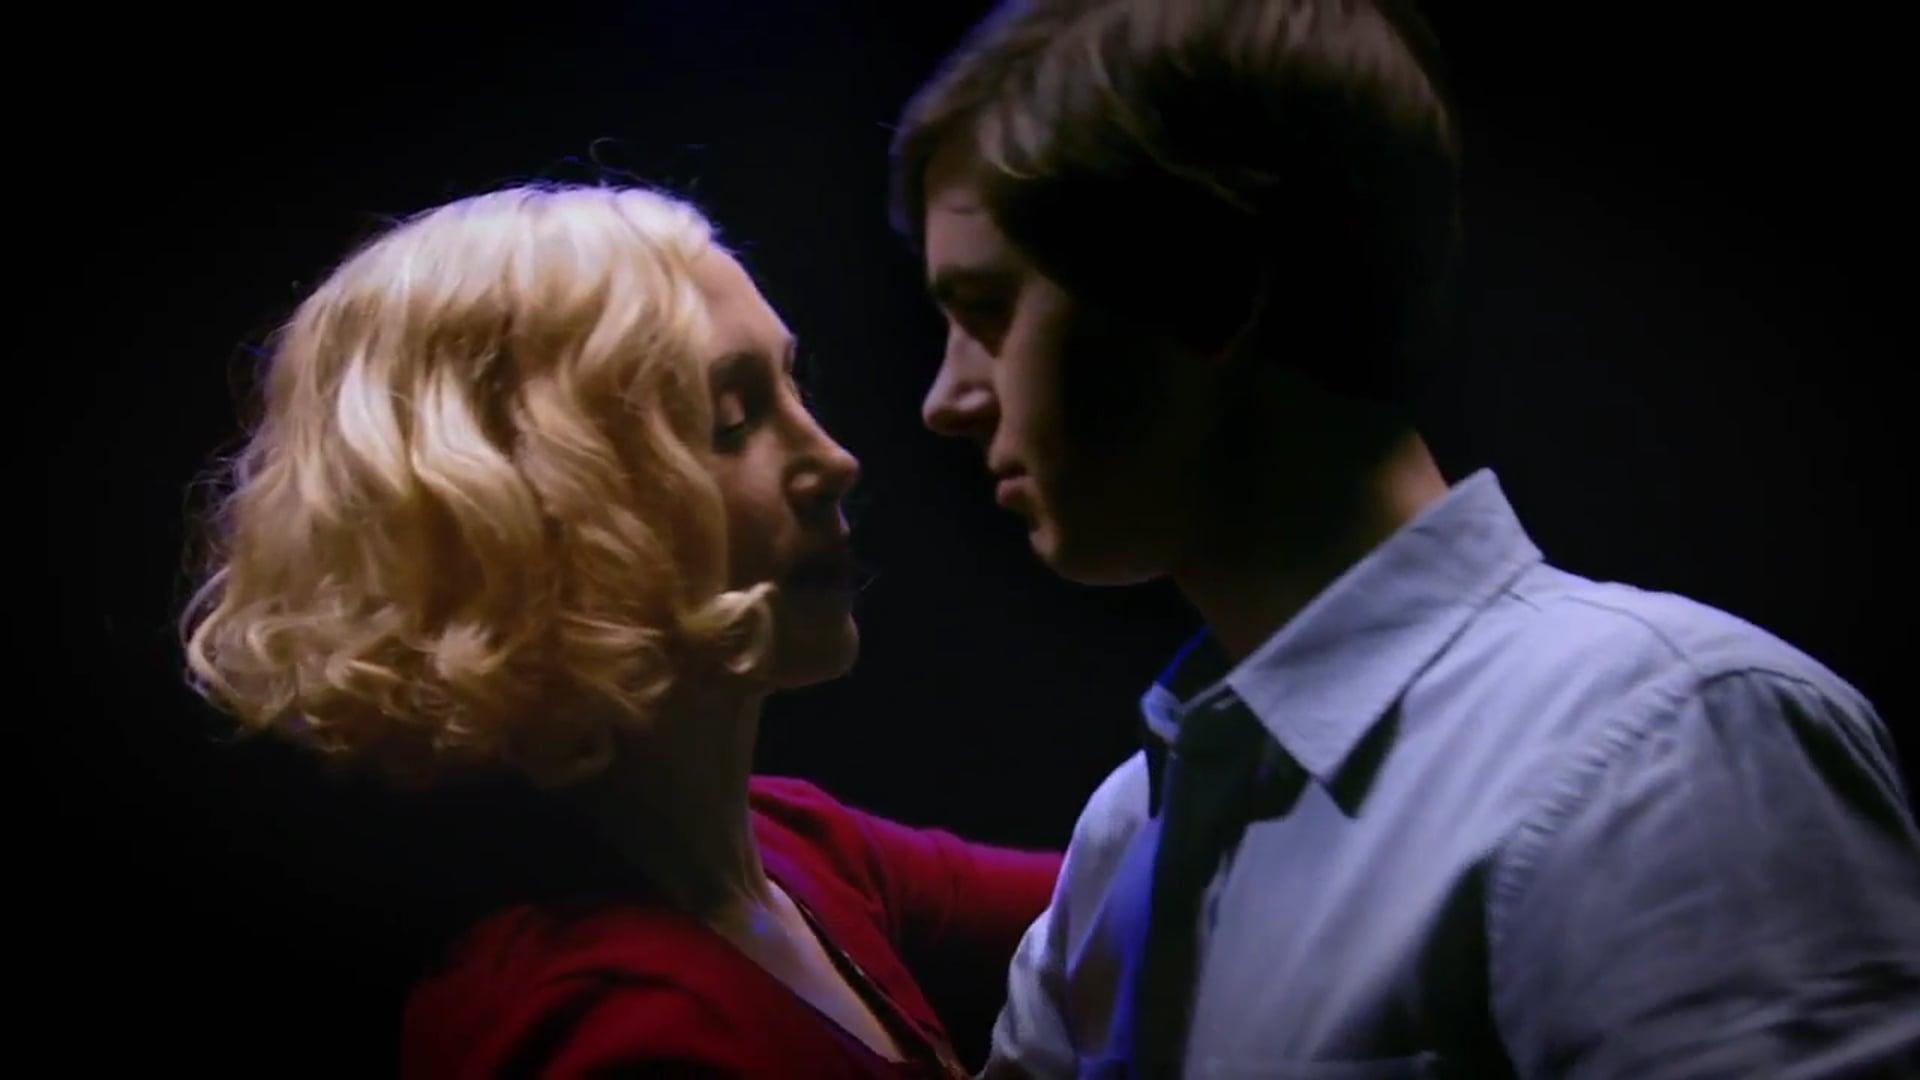 Bates Motel. Becoming Psycho Official Promo (Season 3)